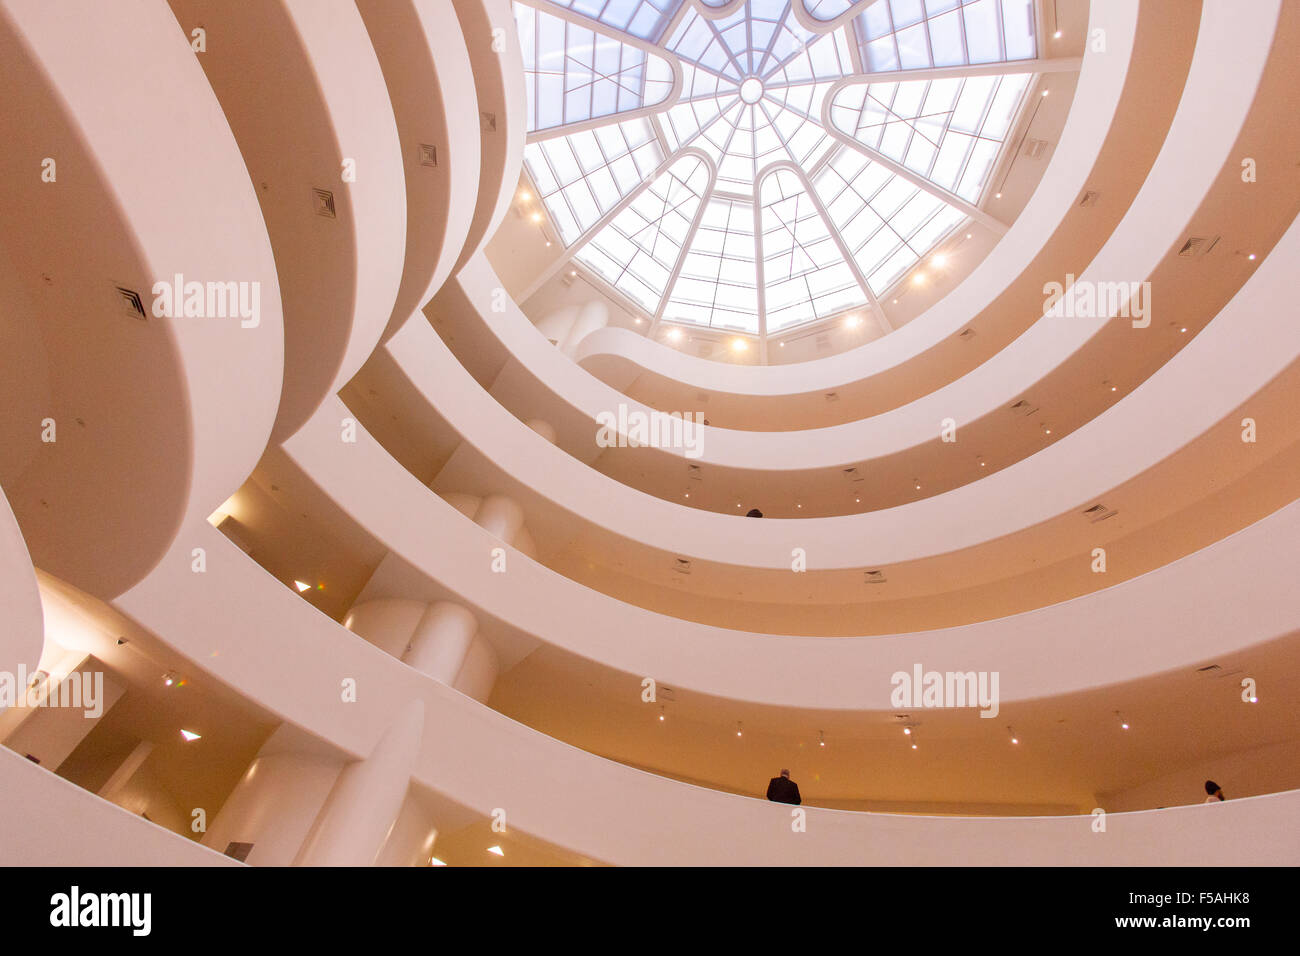 Le Musée Guggenheim de New York City, États-Unis d'Amérique. Conçu par Frank Lloyd Wright. Photo Stock